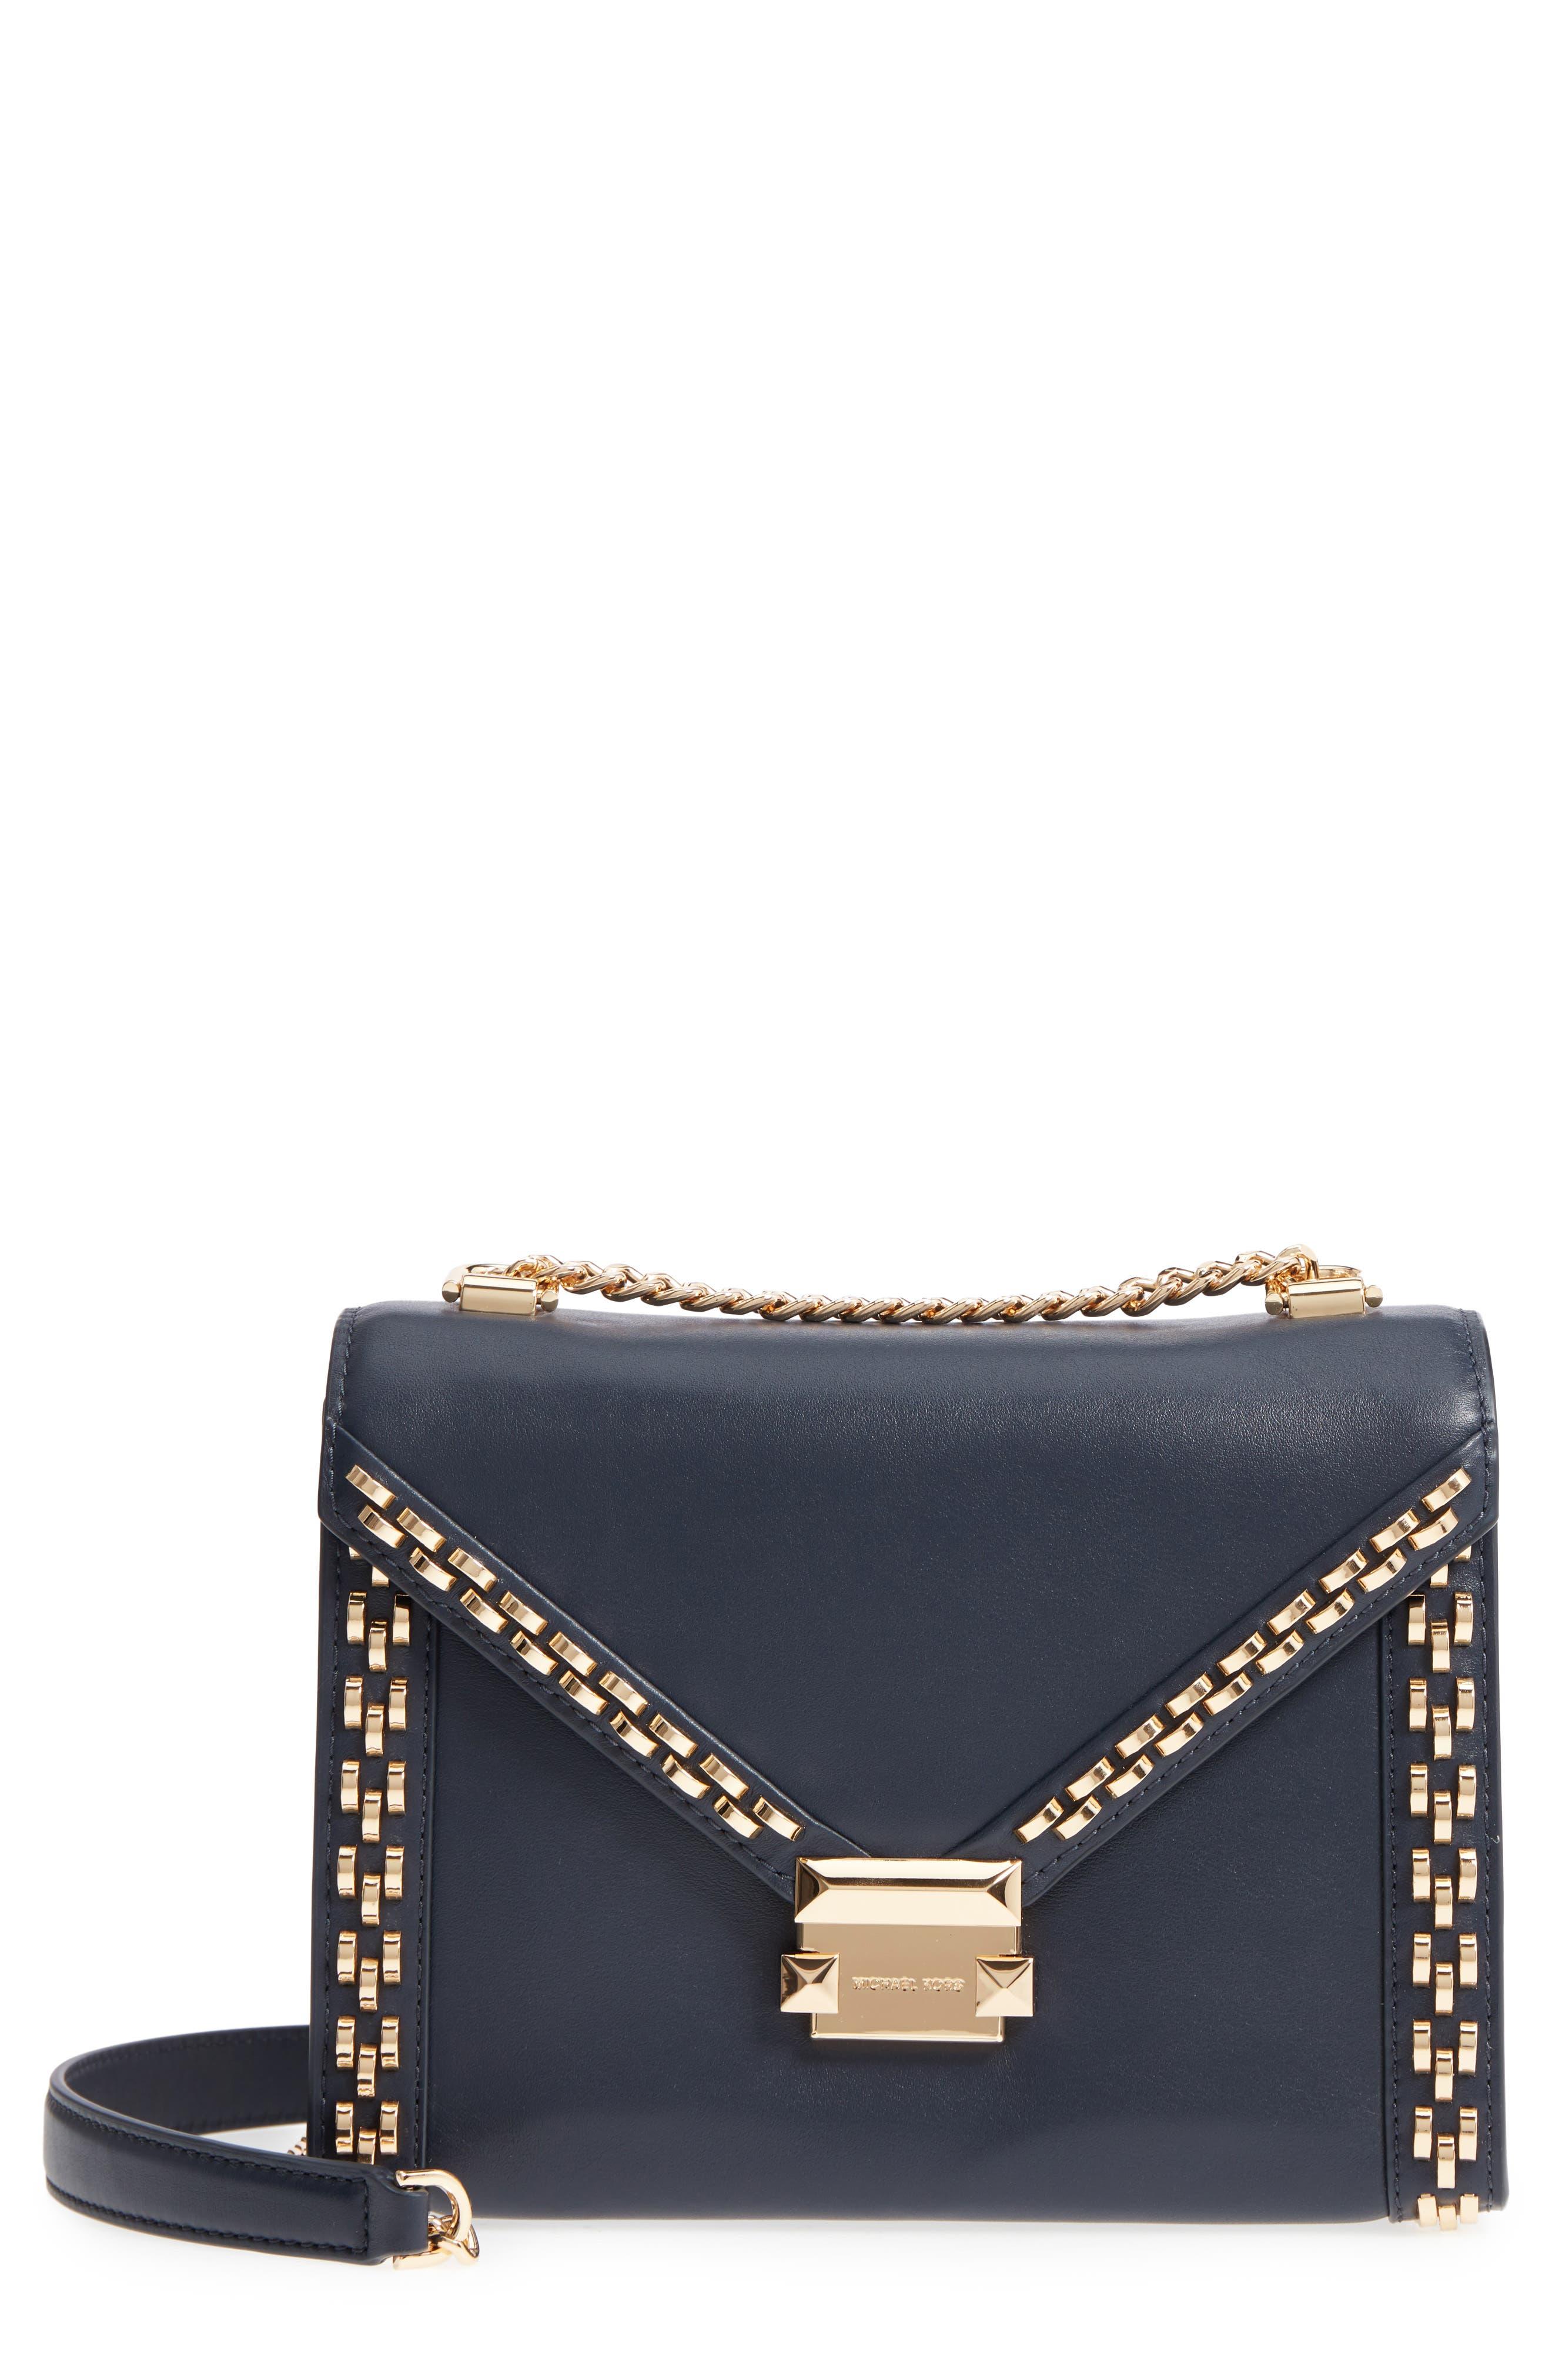 MICHAEL Michael Kors Large Embellished Leather Shoulder Bag